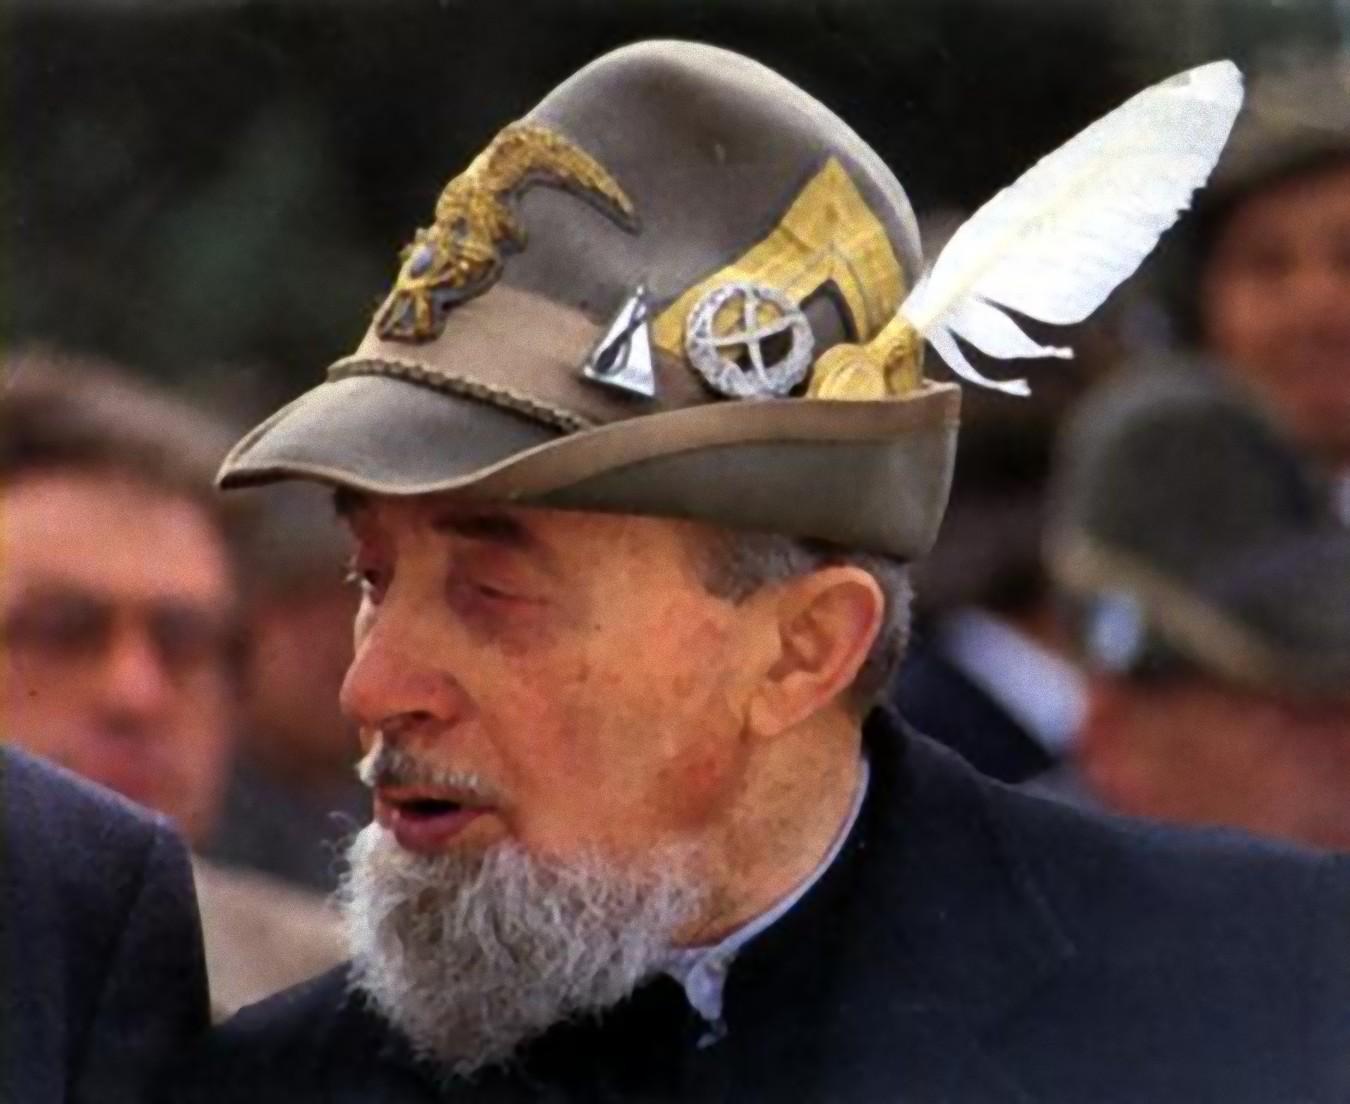 Giovanni Brevi